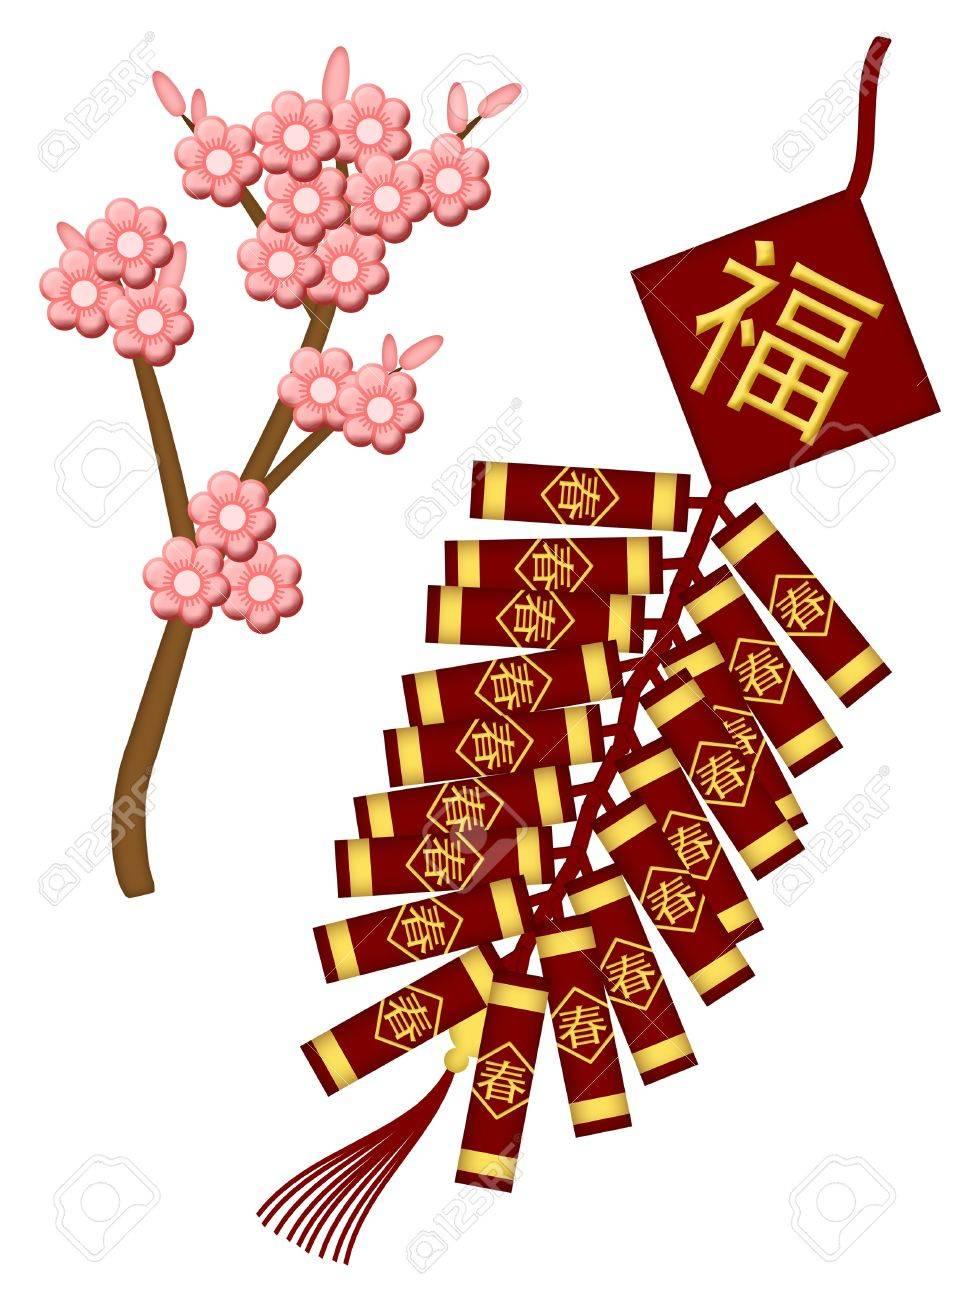 春の花の花のイラストと中国の旧正月爆竹 の写真素材画像素材 Image